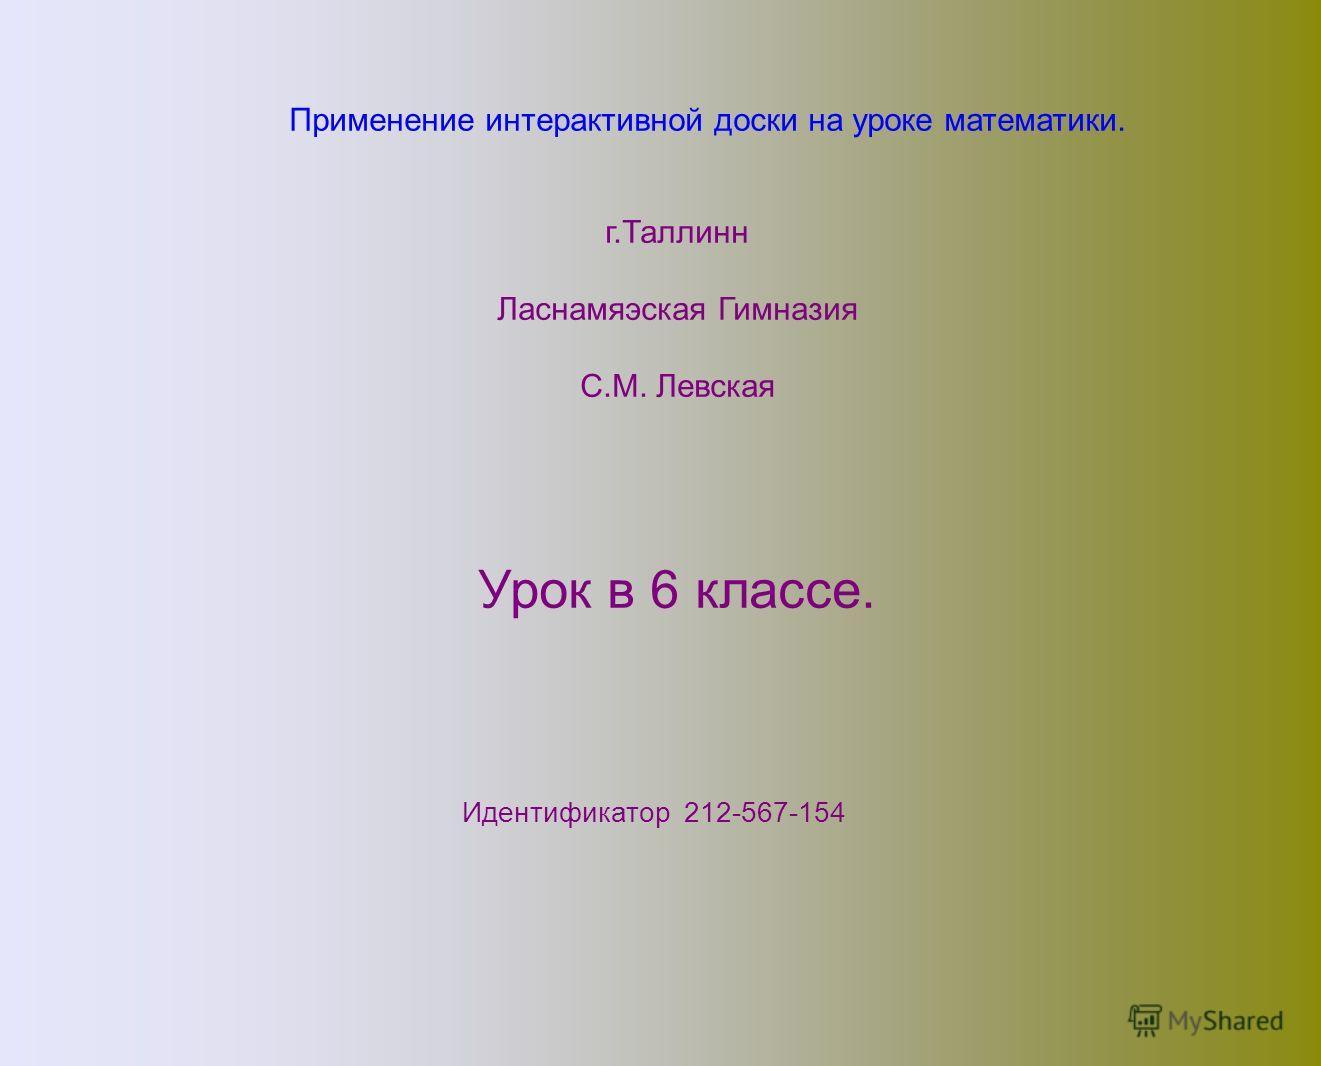 Применение интерактивной доски на уроке математики. г.Таллинн Ласнамяэская Гимназия C.М. Левская Урок в 6 классе. Идентификатор 212-567-154